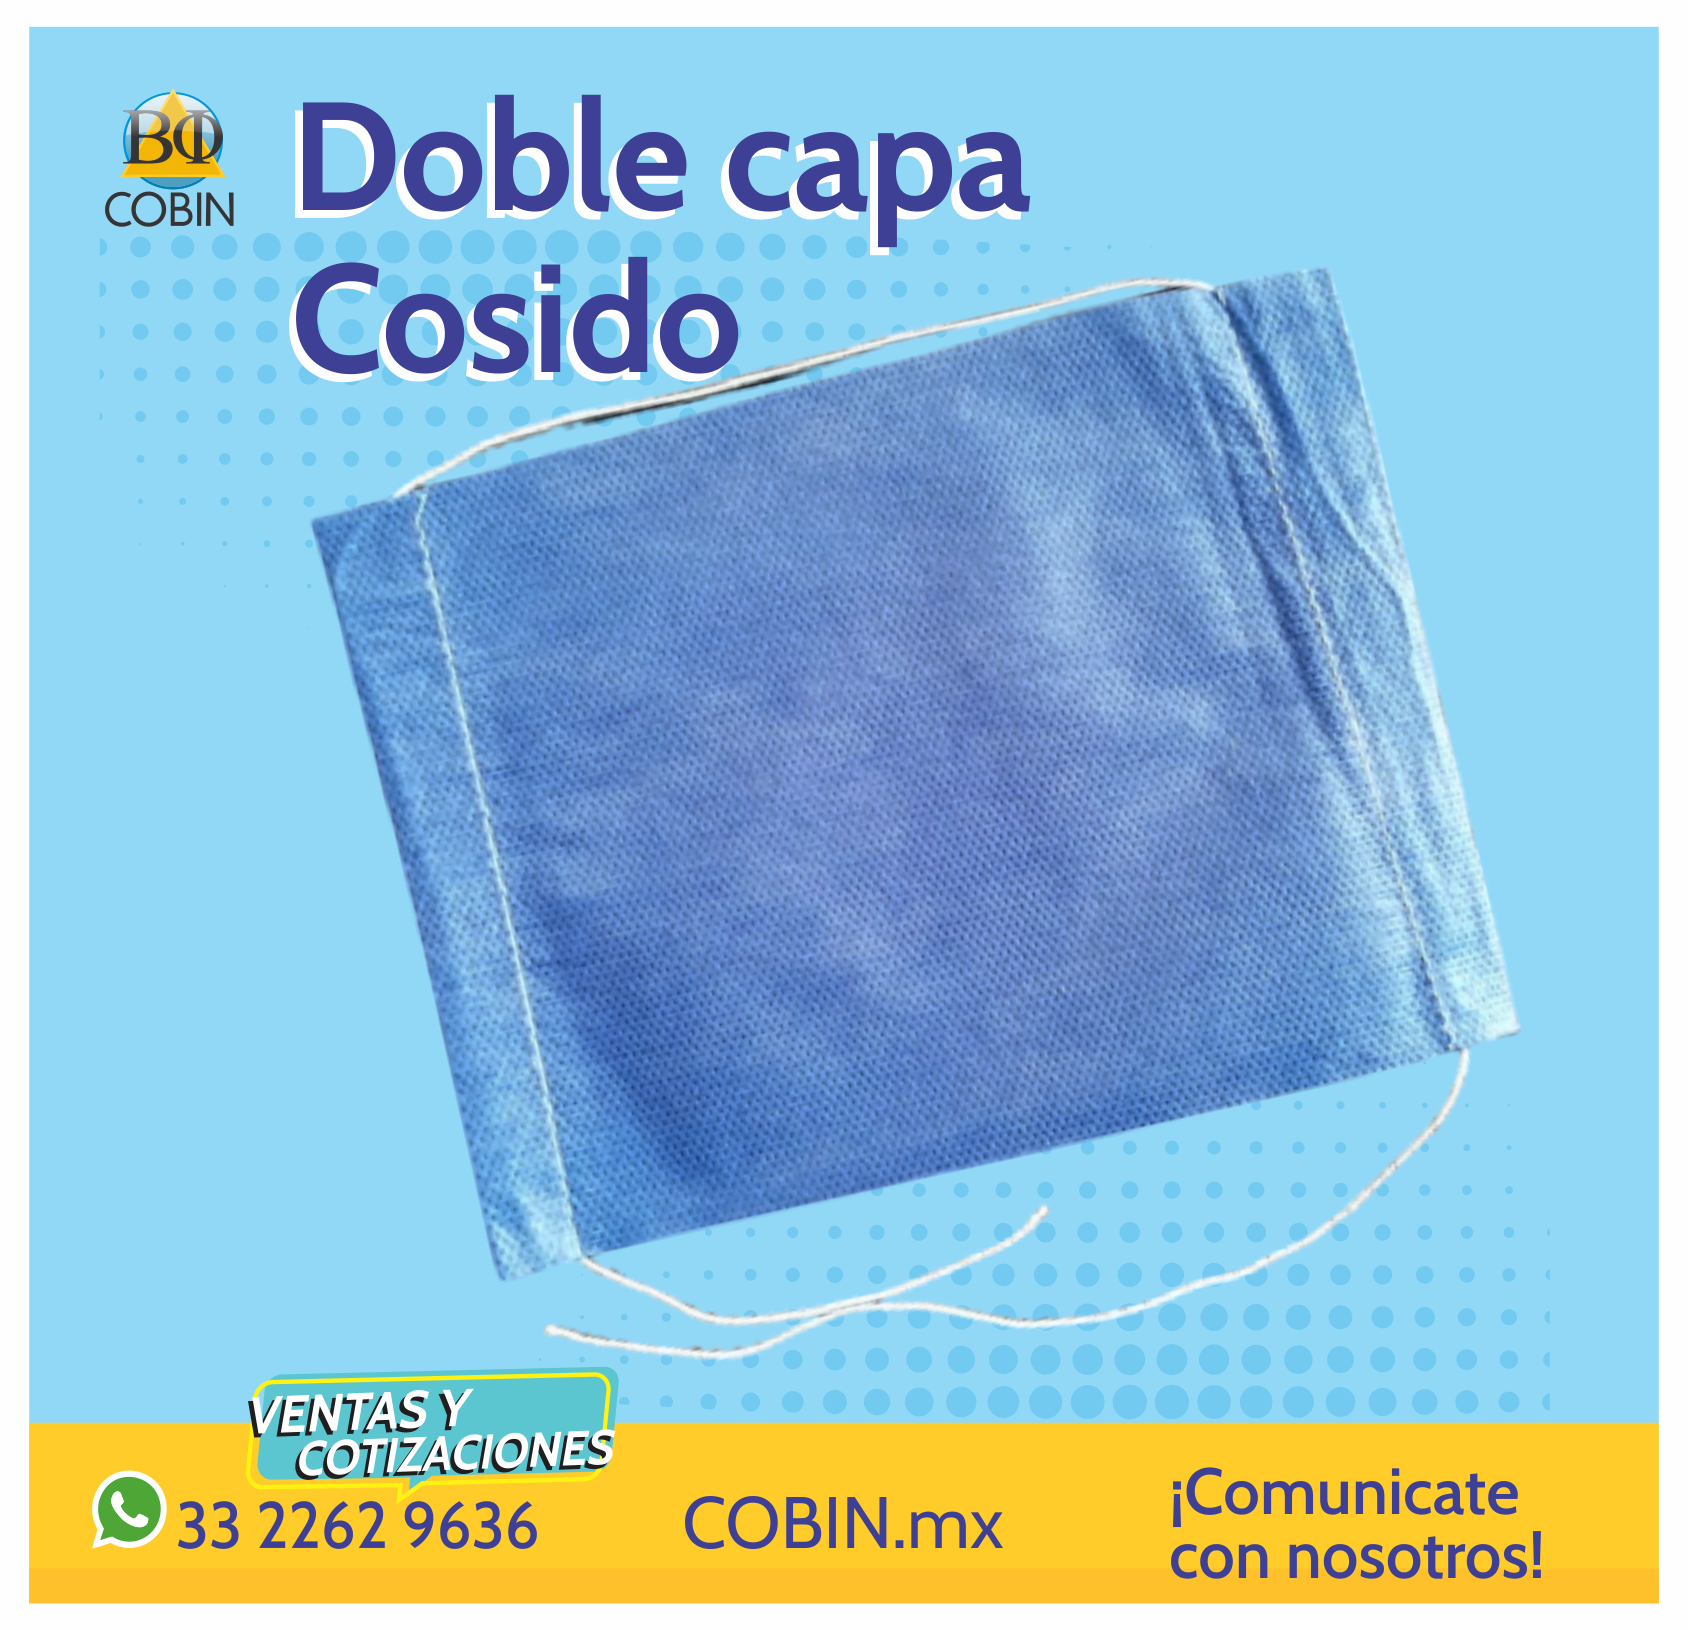 Cubrebocas Doble Capa - cosido